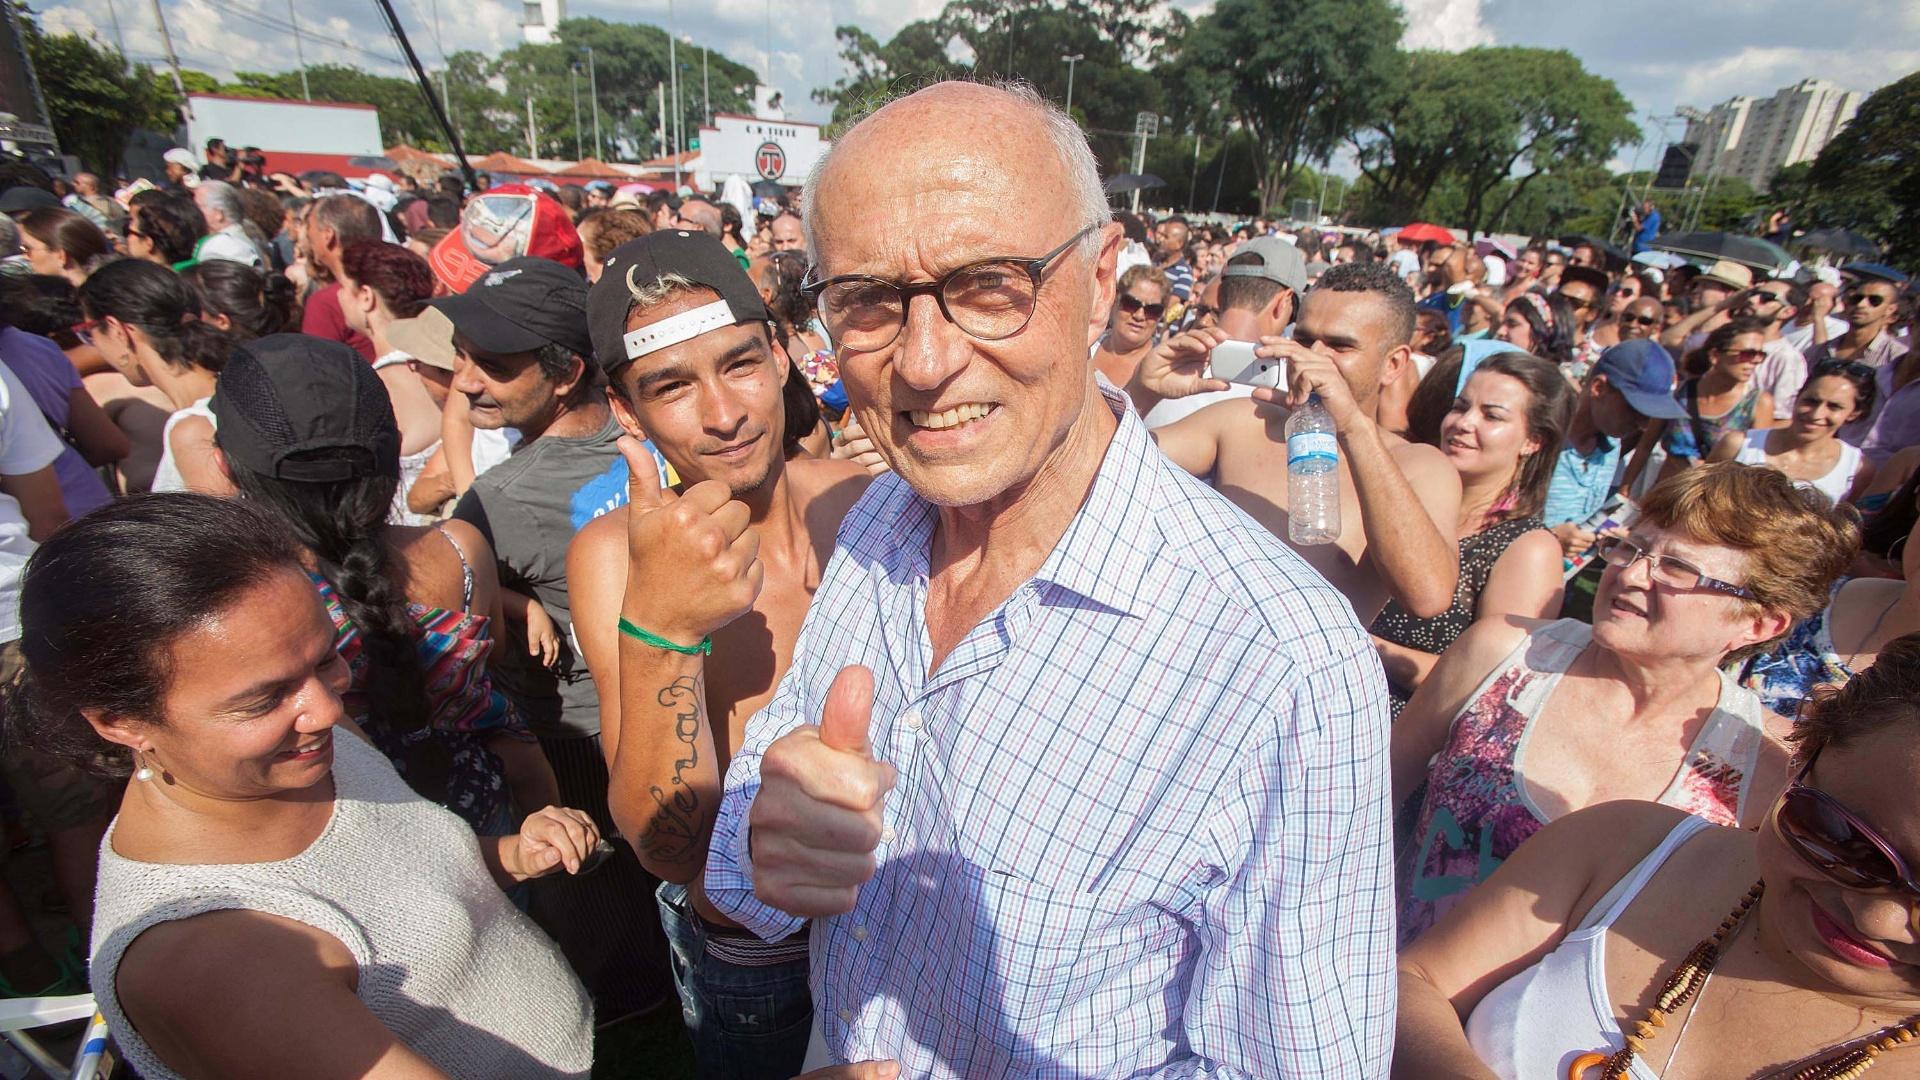 25.jan.2016 - Secretário municipal de Direitos Humanos e Cidadania, Eduardo Suplicy é abordado pelo público durante show em comemoração aos 462 anos de São Paulo